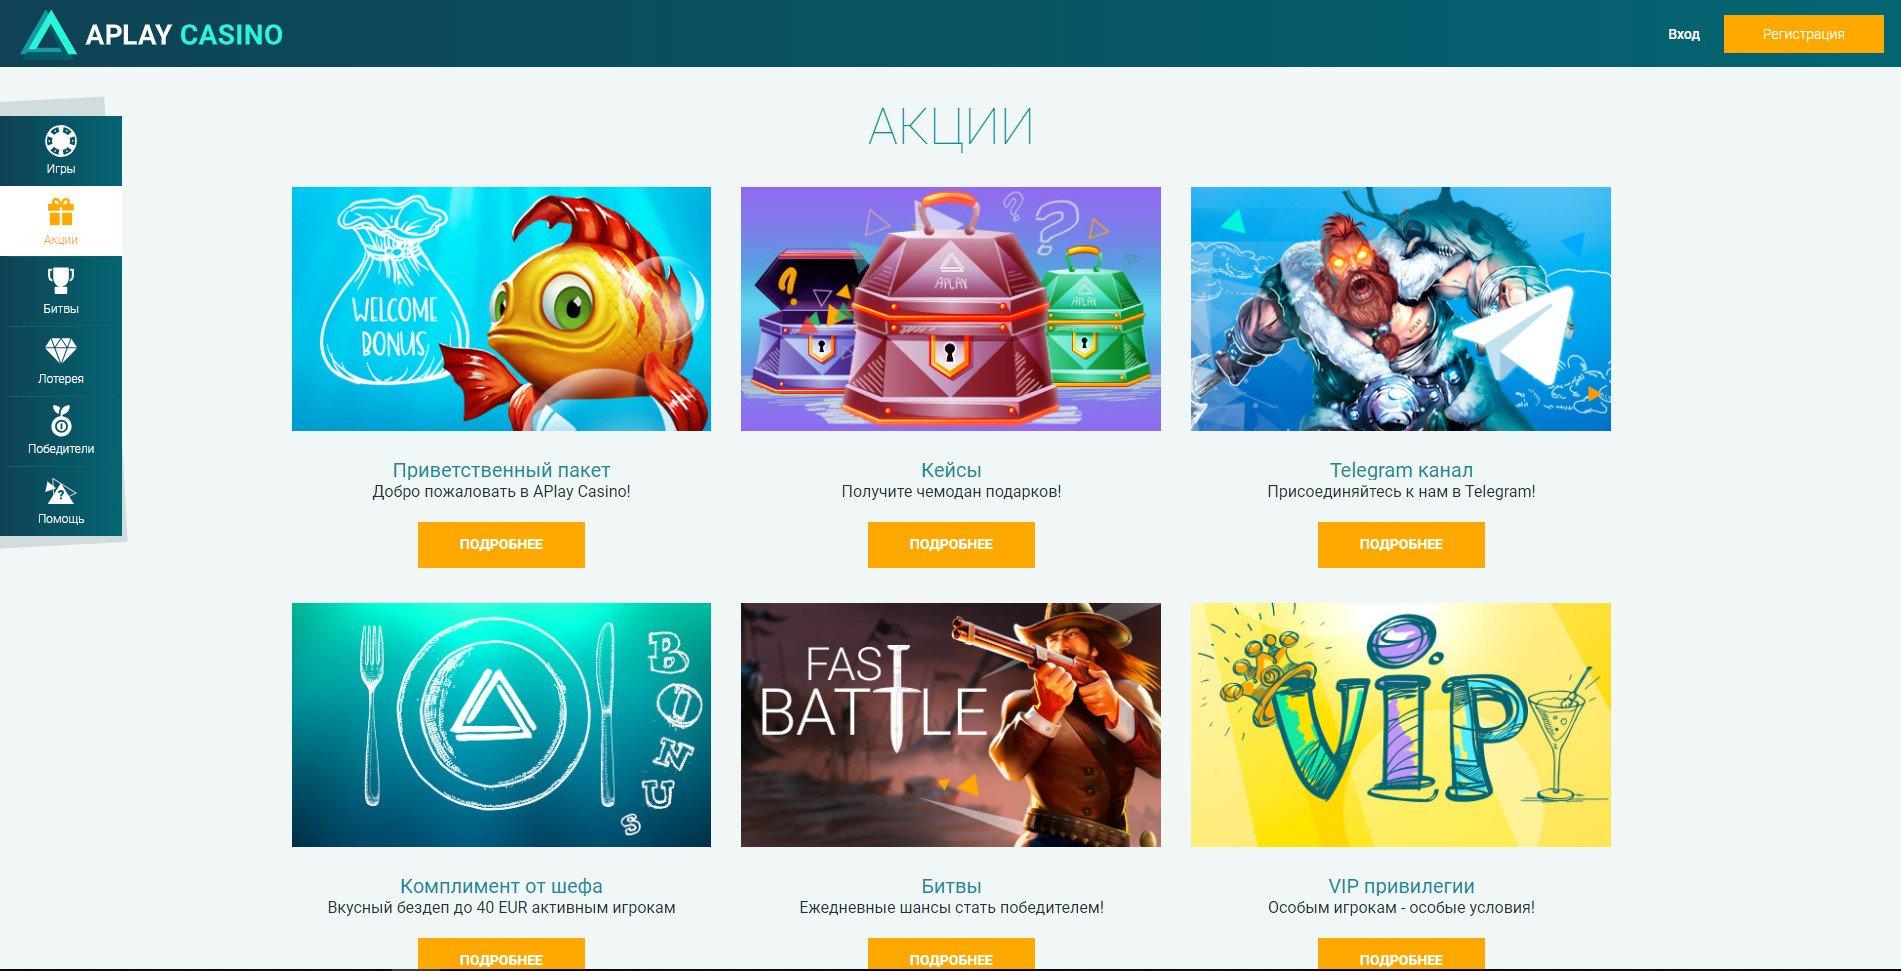 официальный сайт aplay casino регистрация